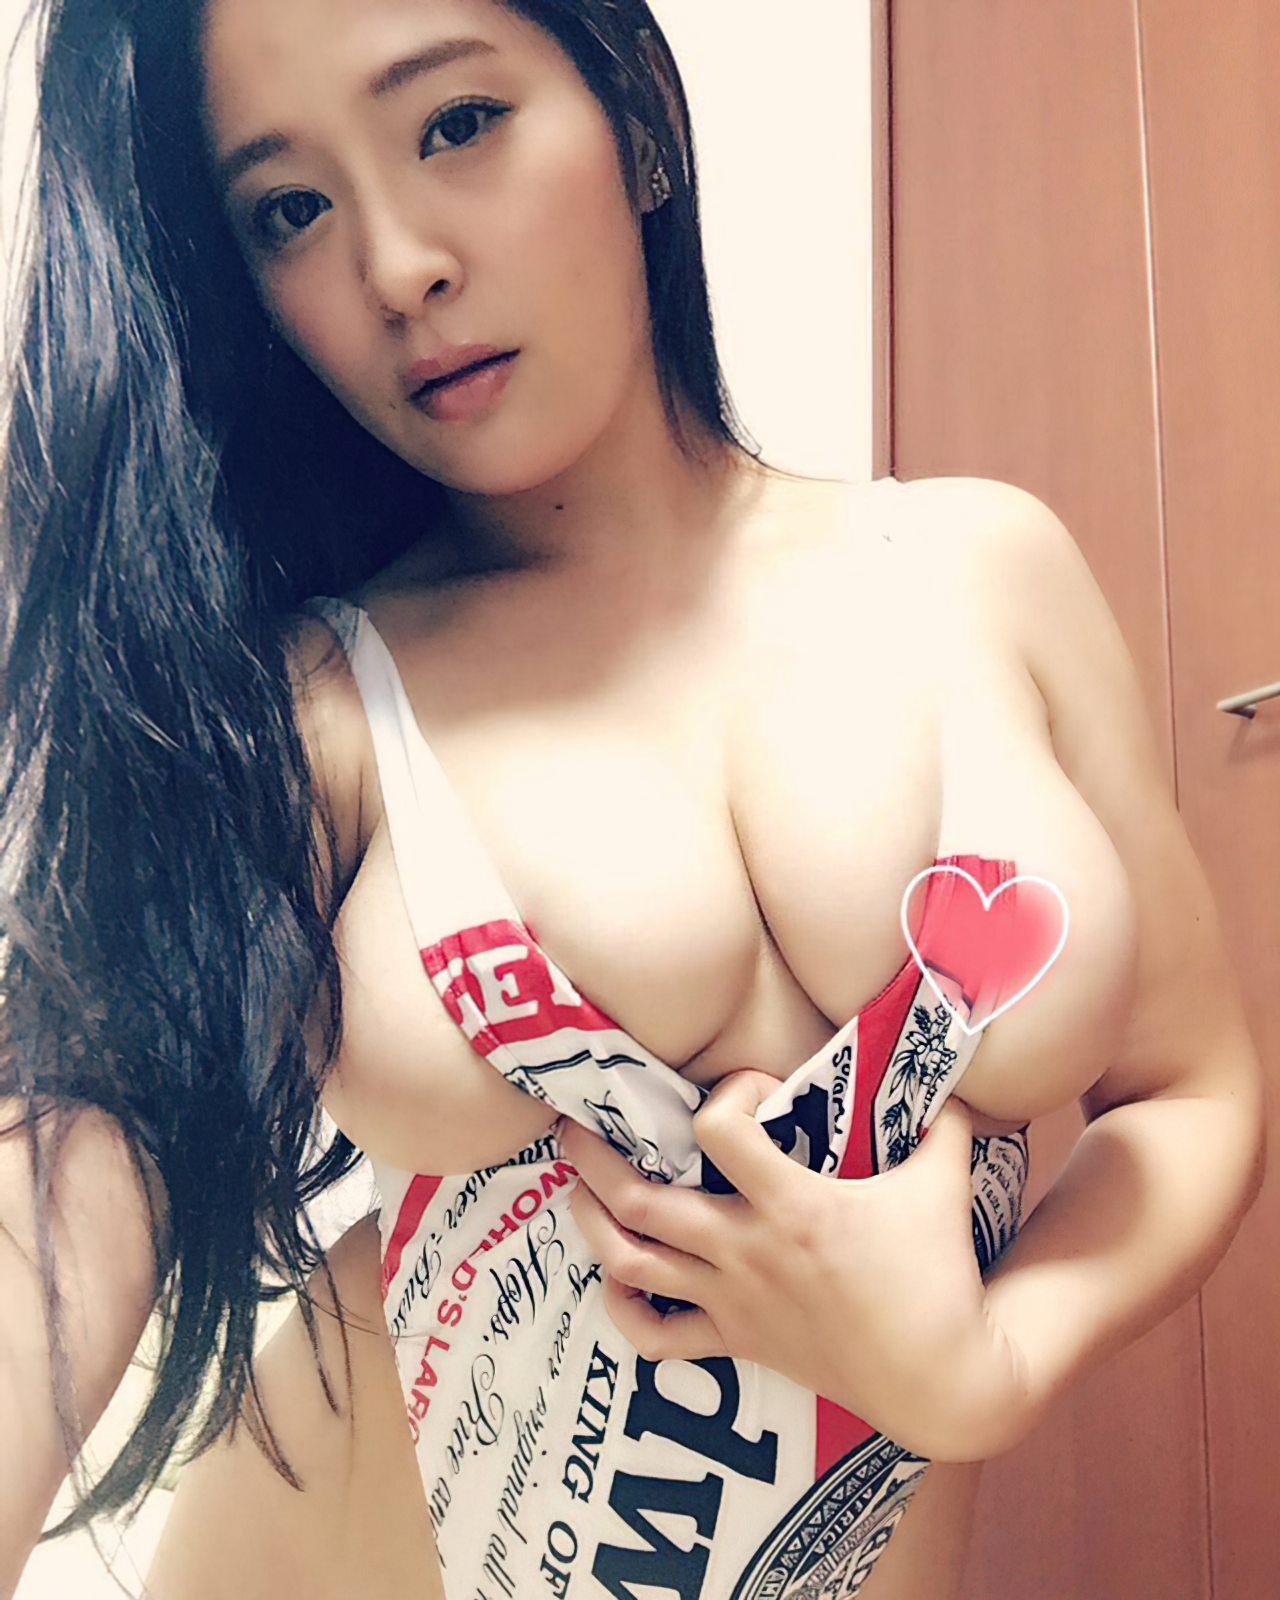 Mulheres Orientais Nuas (5)